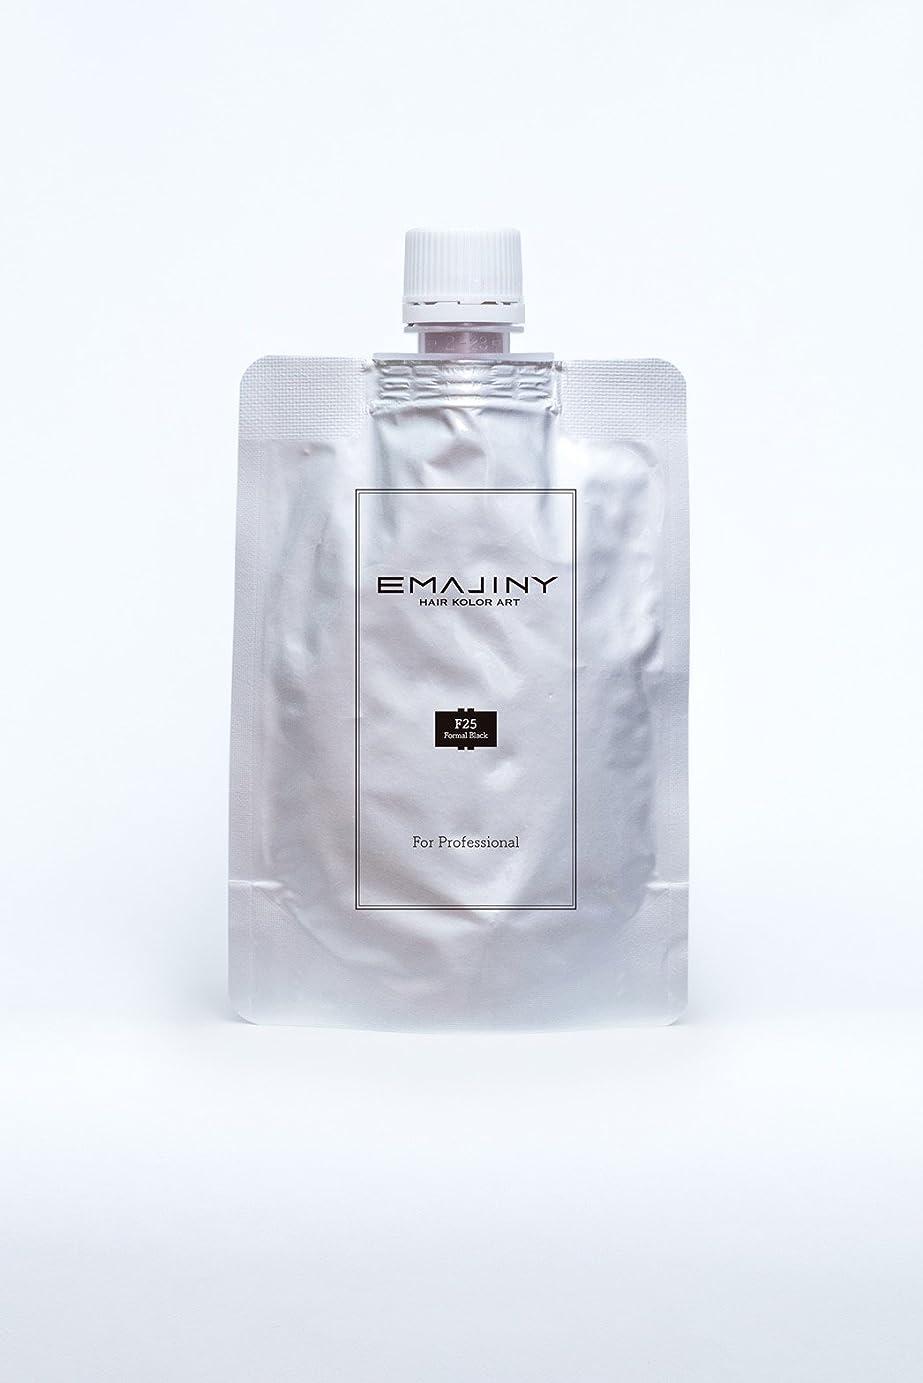 寄り添う一貫性のない平日EMAJINY Formal Black F25(ブラックカラーワックス)黒プロフェッショナル100g大容量パック【日本製】【無香料】